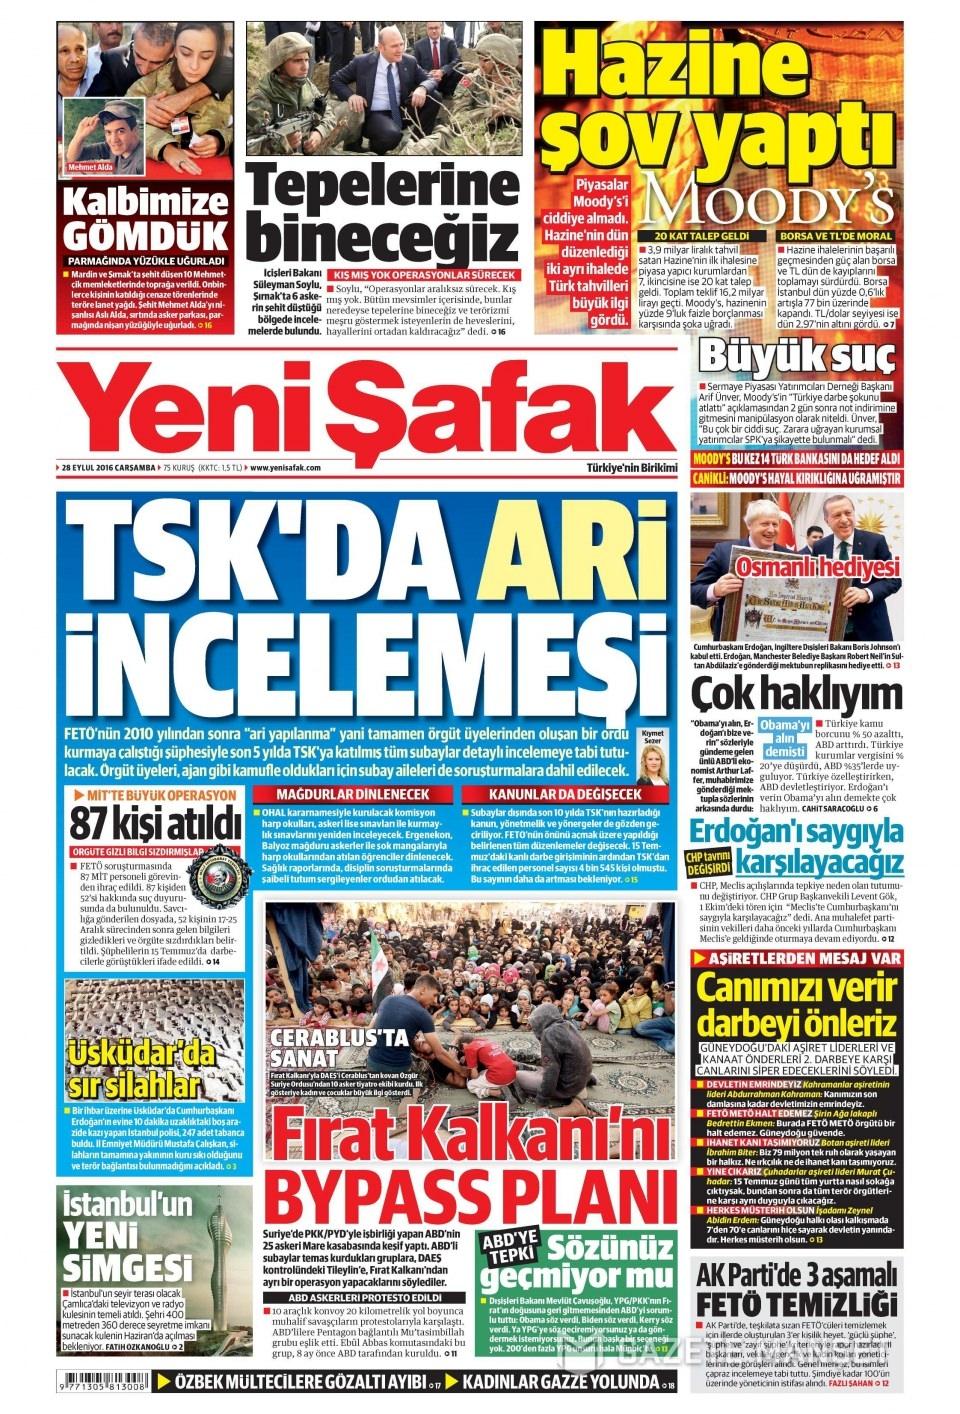 28 Eylül Çarşamba gazete manşetleri 3